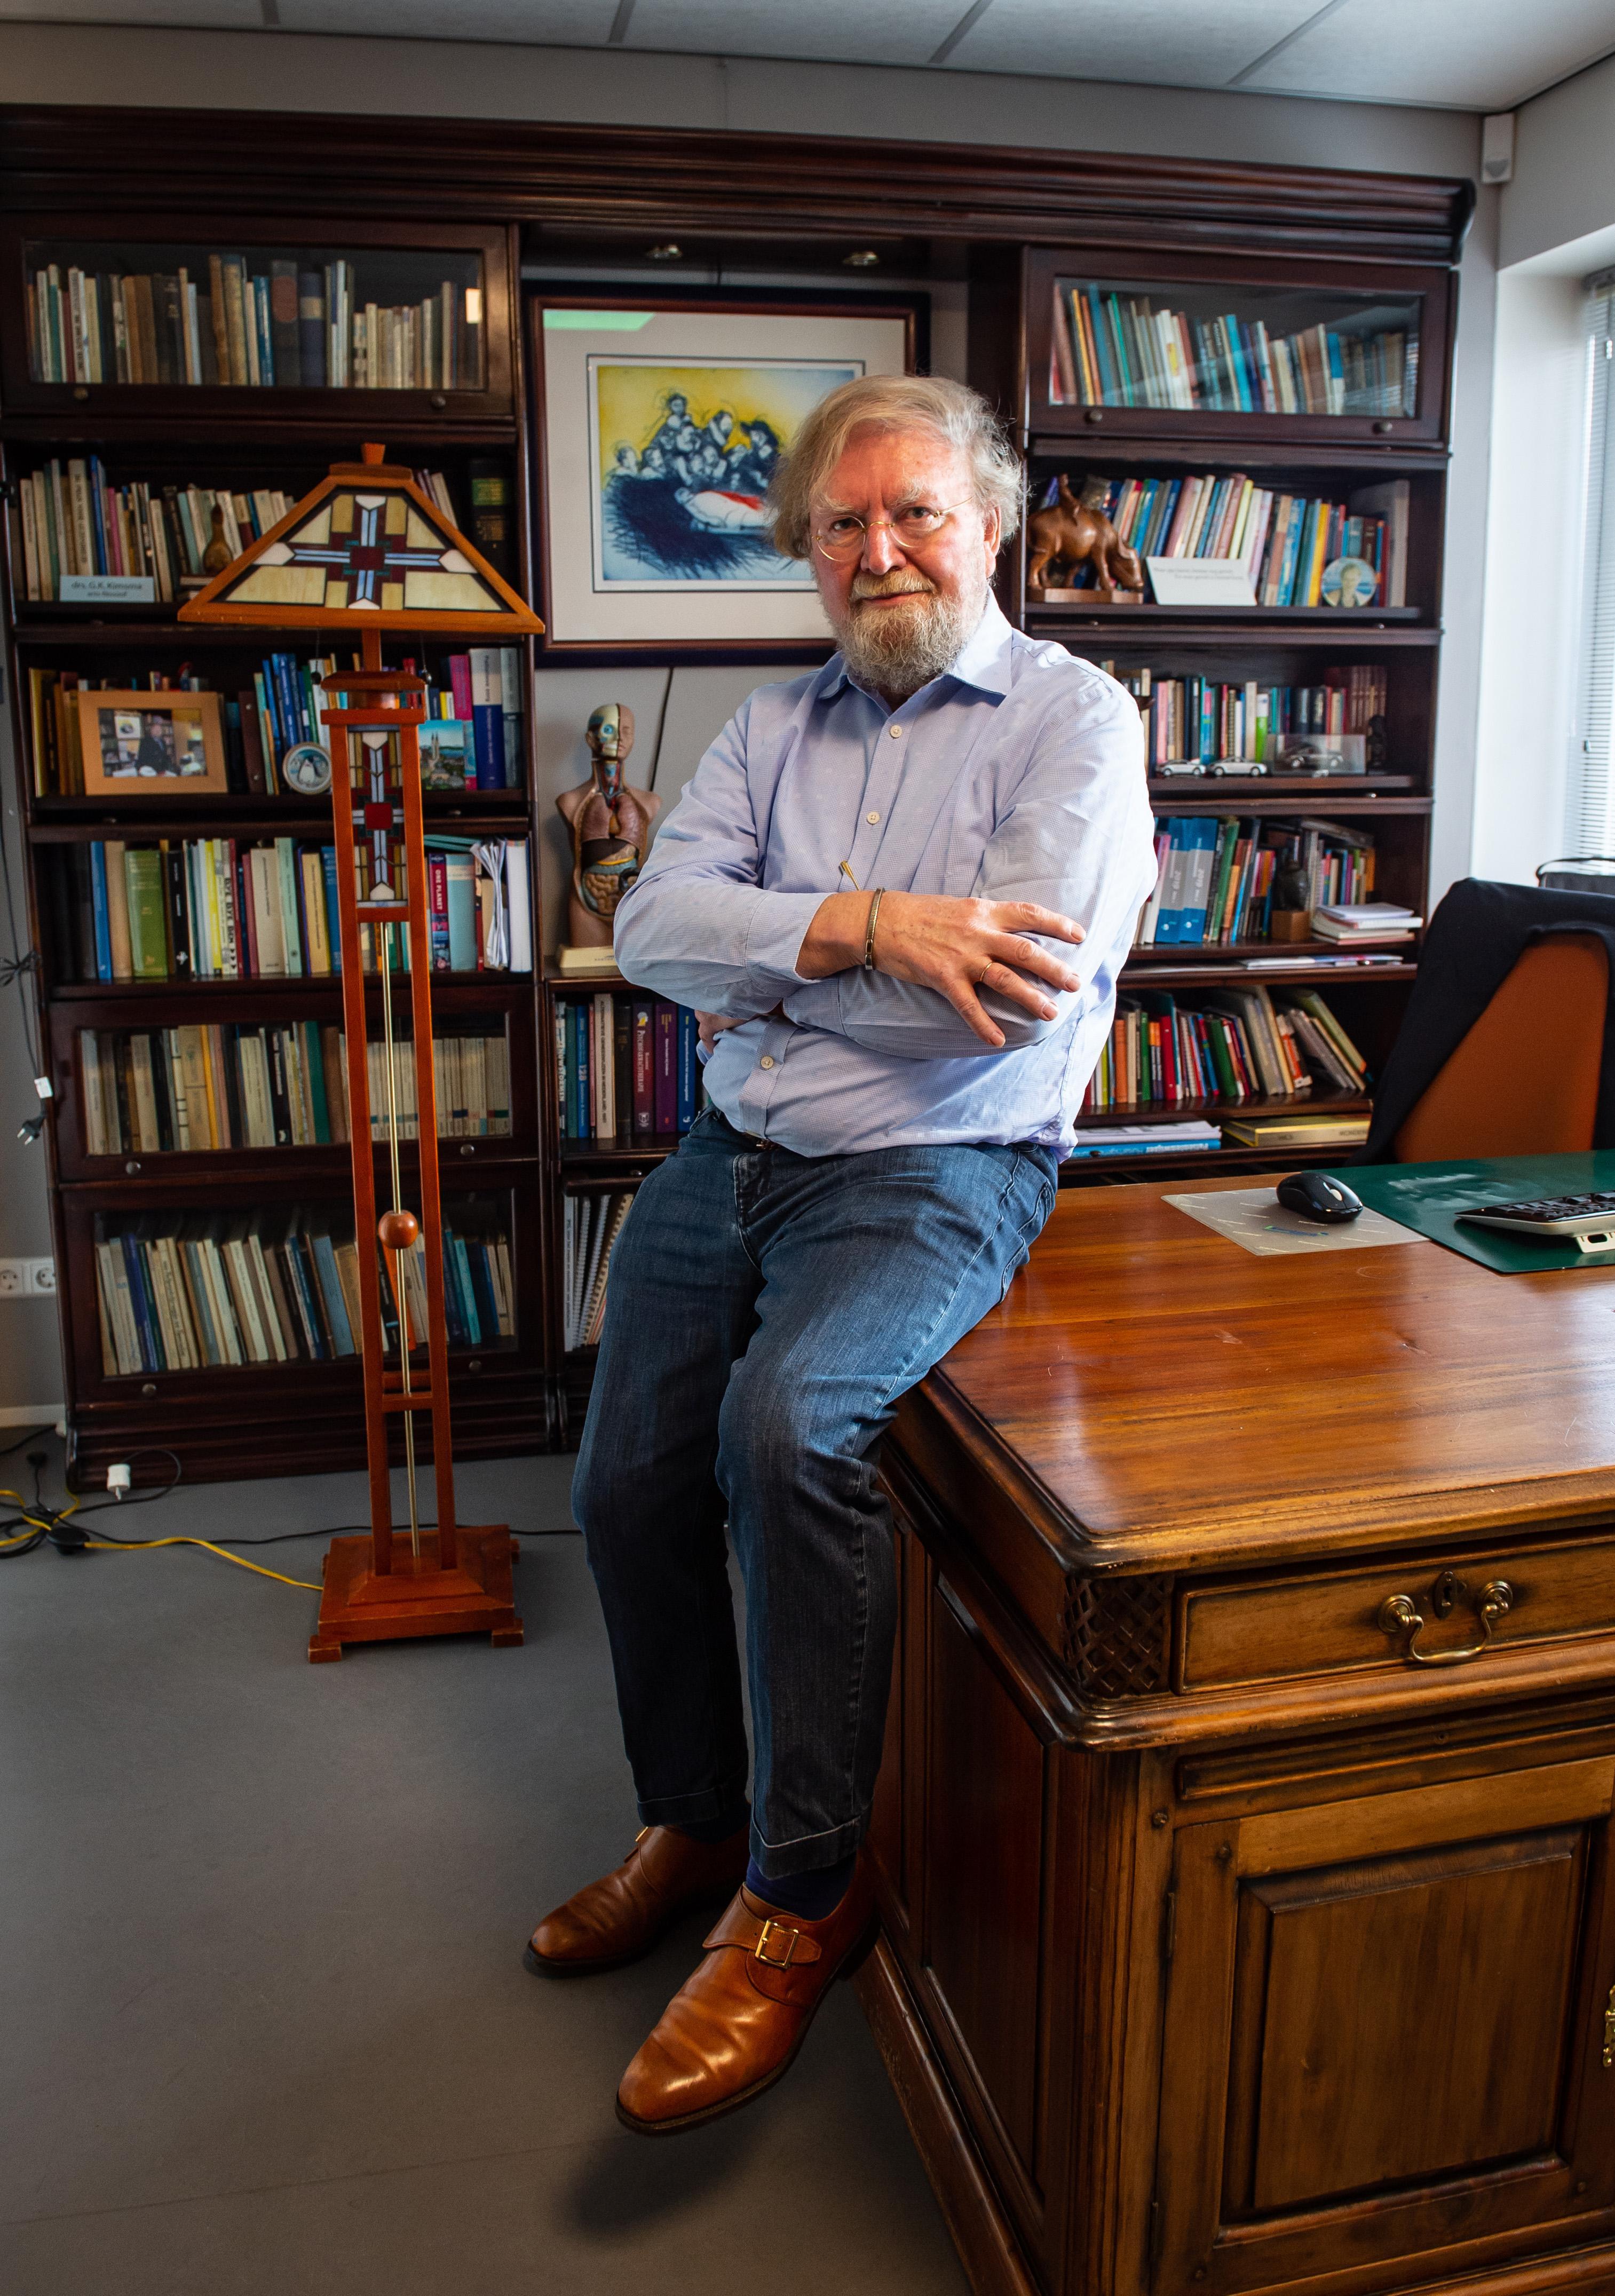 'Mijn euthanasiepatiënten zijn me allemaal bijgebleven.' Scheidend huisarts Gerrit Kimsma (75) strijdt voor waardig levenseinde